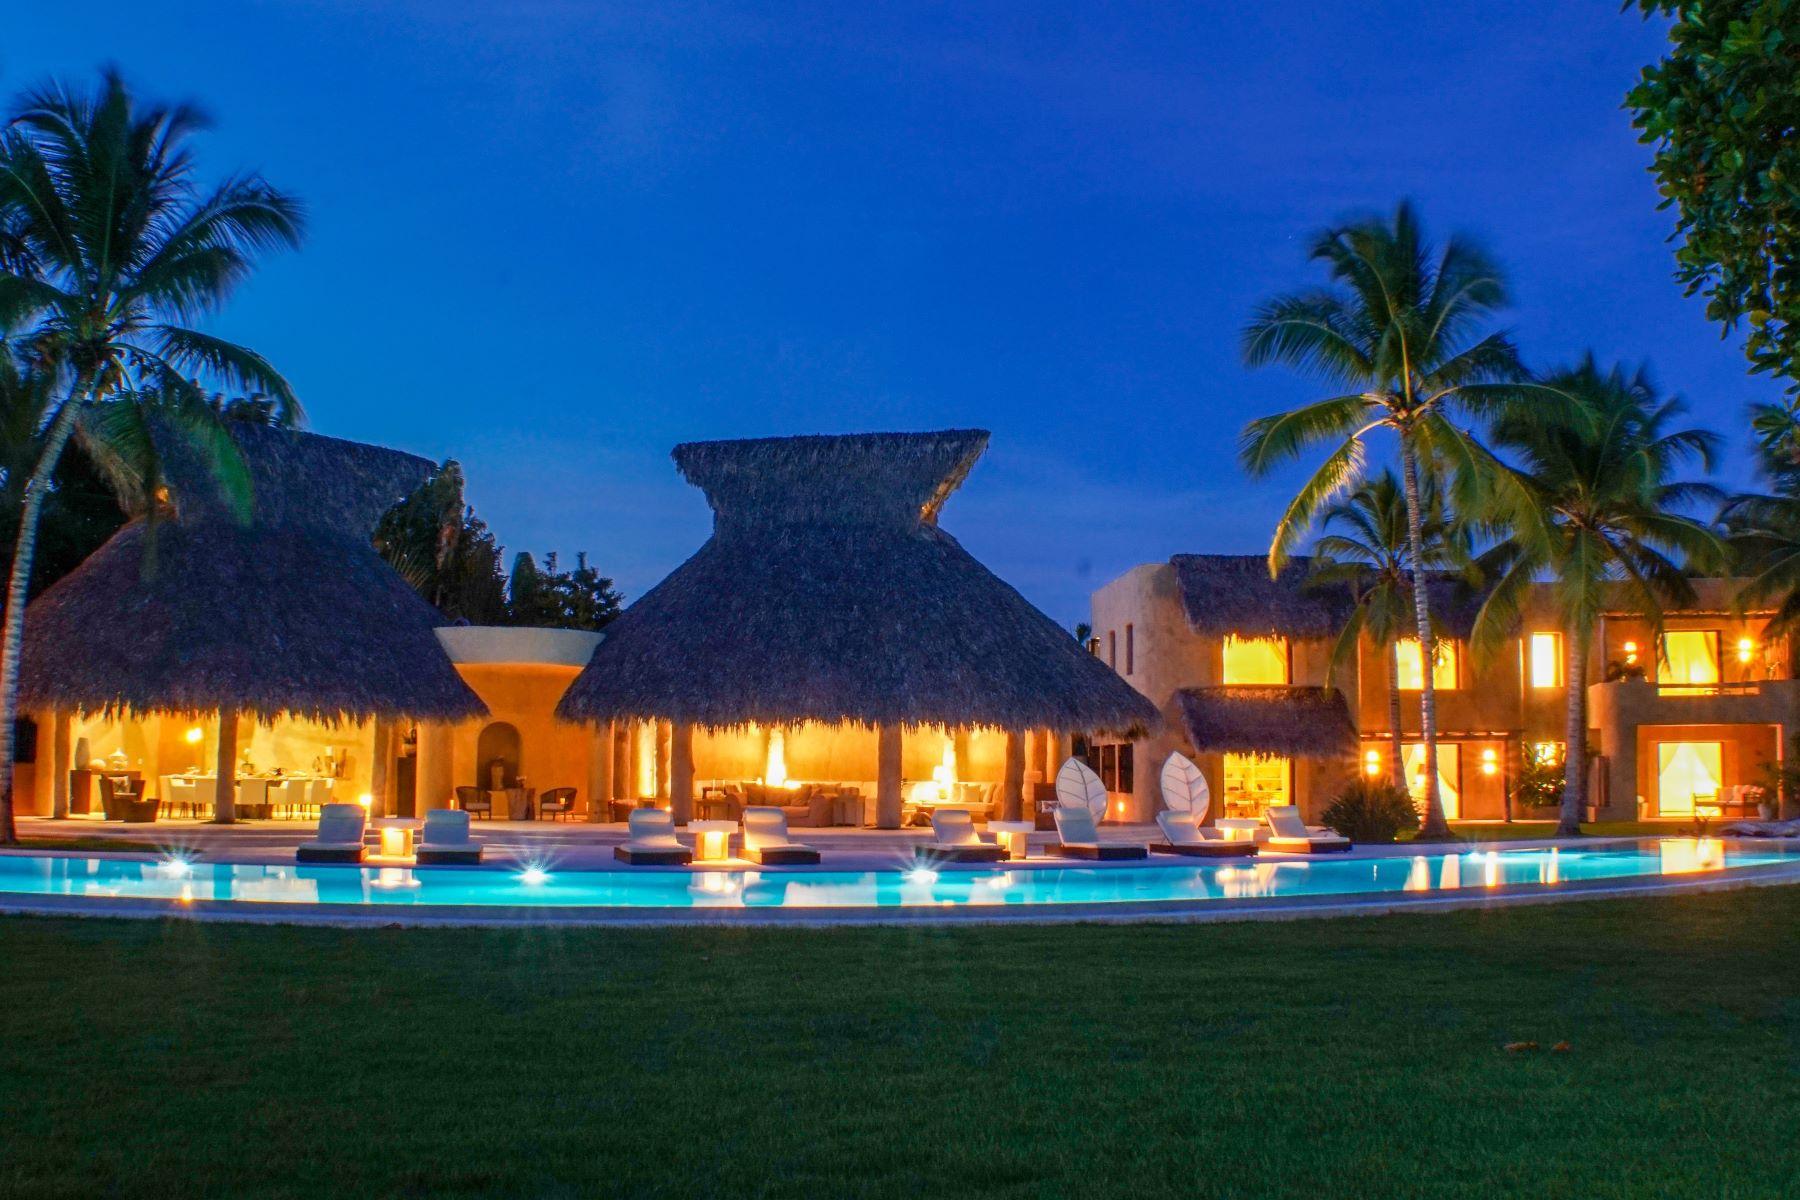 Частный односемейный дом для того Продажа на Exquisite Modern-Tropical Villa with Outstanding Ocean Views Casa De Campo, La Romana, Доминиканская Республика